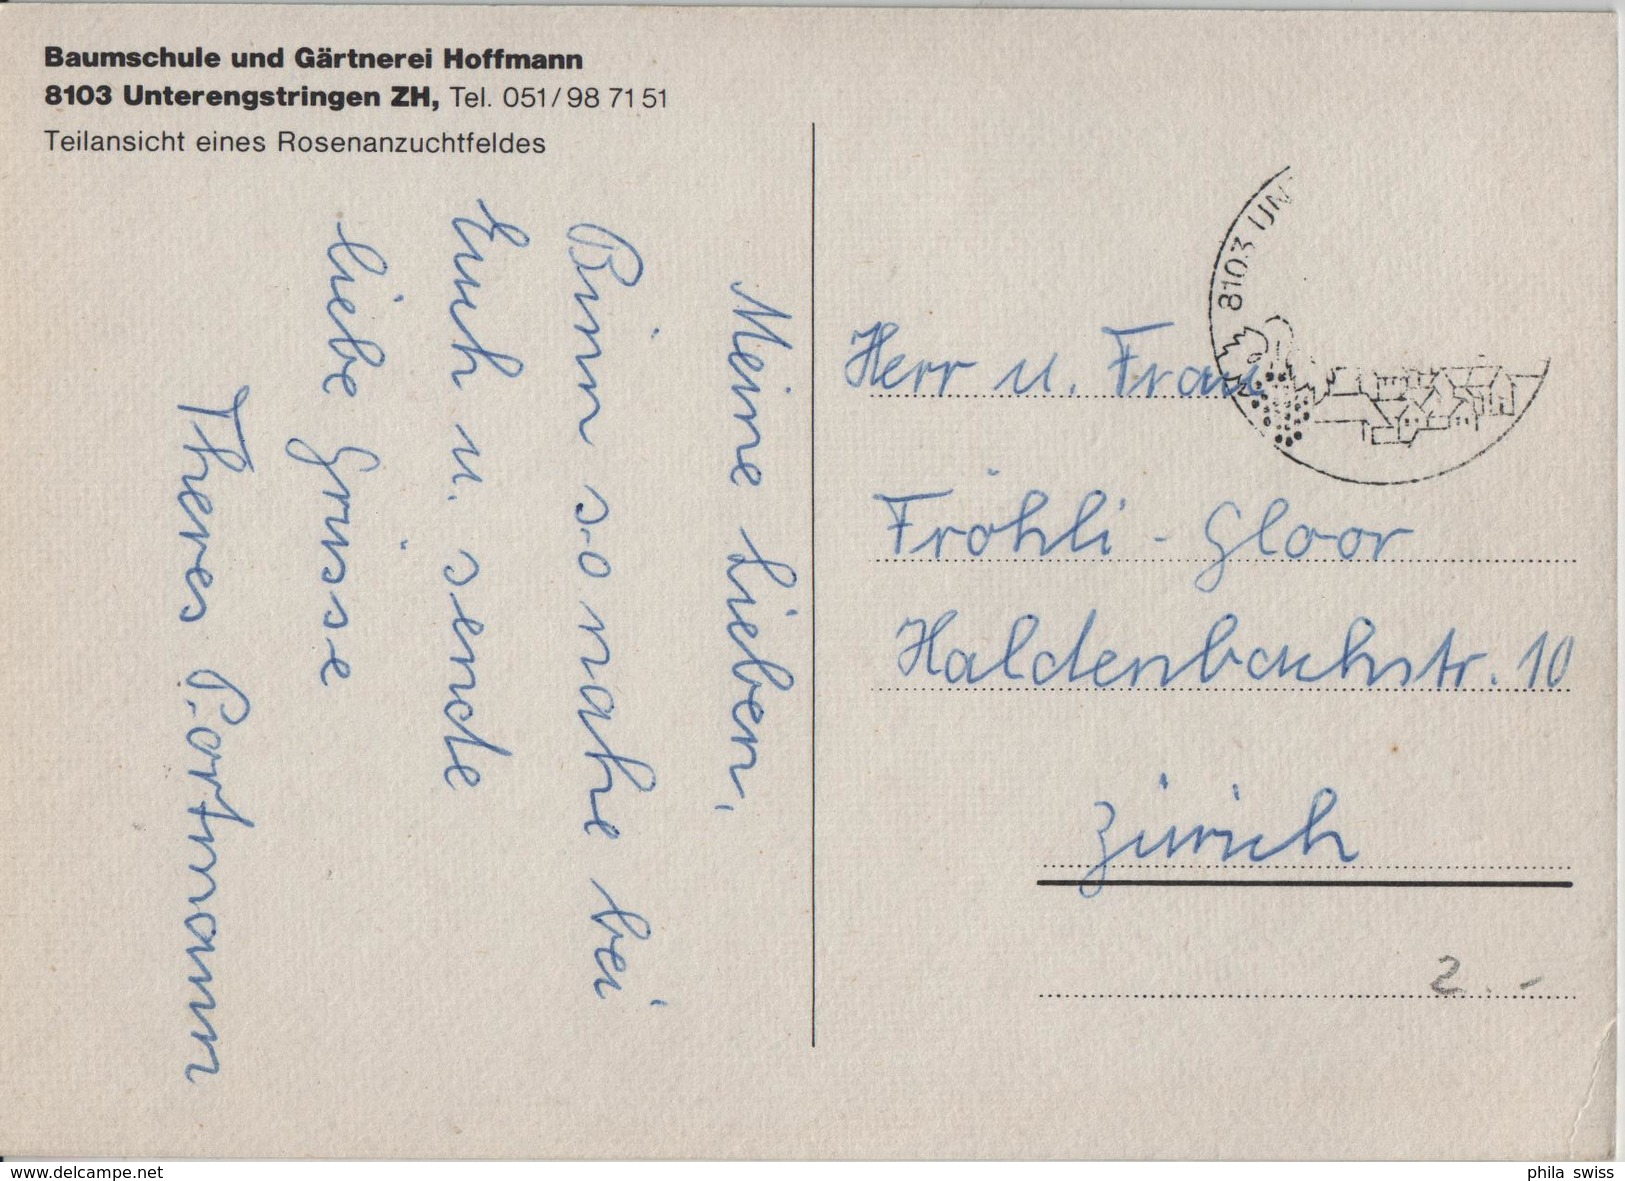 Baumschule Und Gärtnerei Hoffmann, 8103 Unterengstringen - Teilansicht Eines Rosenzuchtfeldes - ZH Zürich